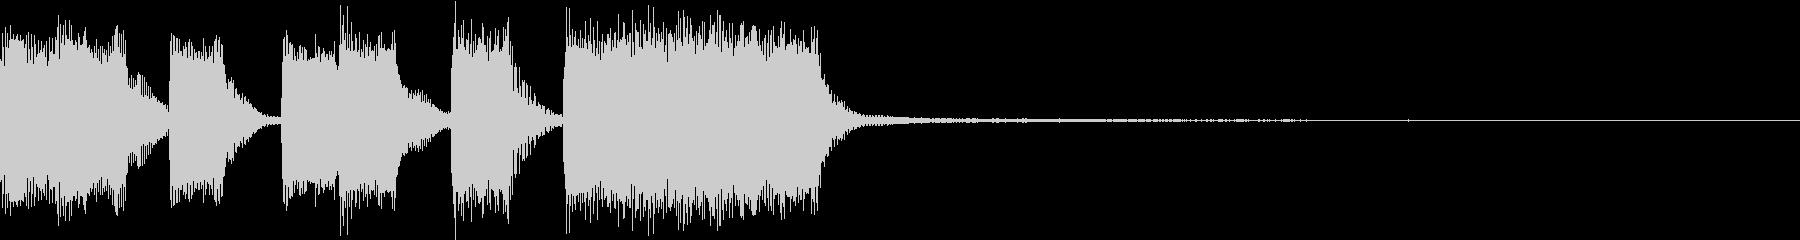 ファンファーレ ベル レベルアップ 9の未再生の波形